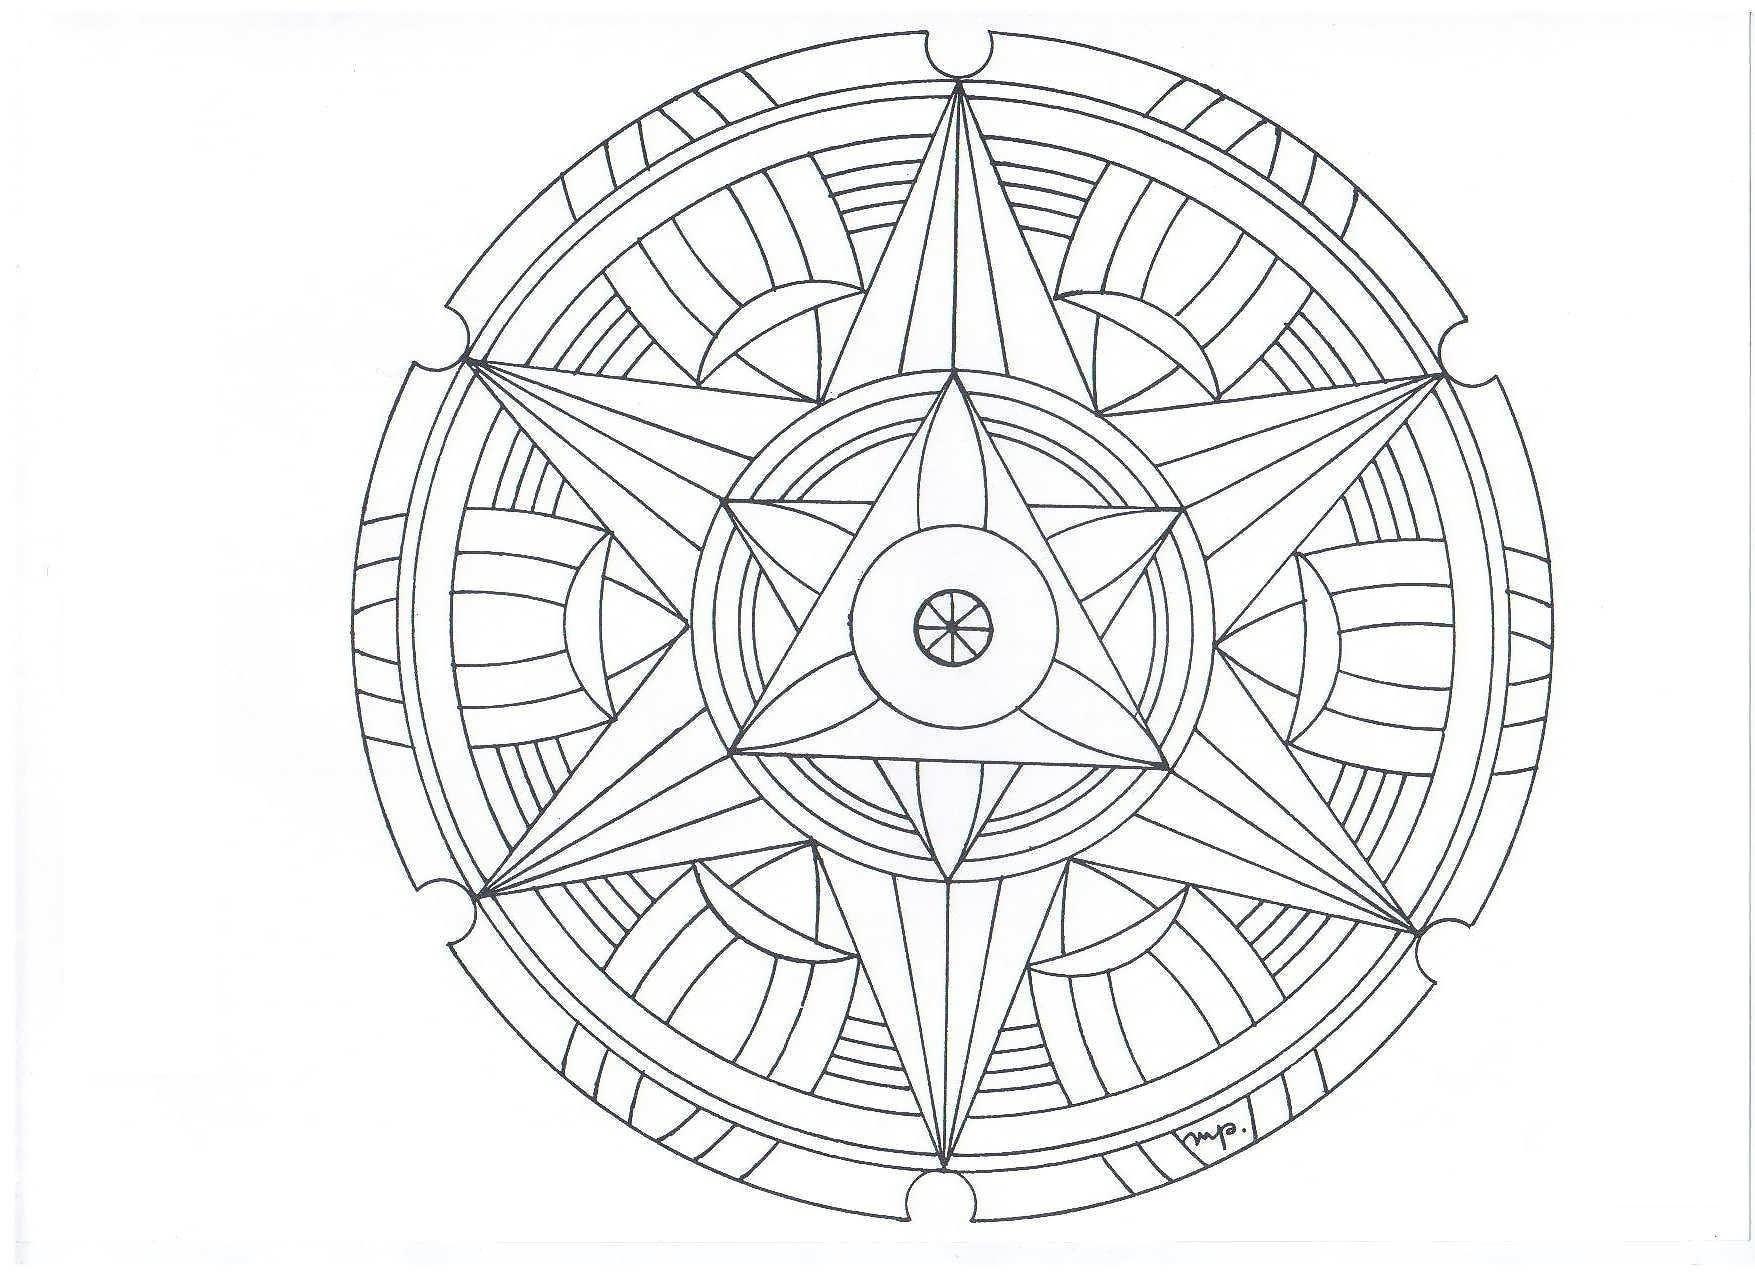 Сложные узоры со звездой в центре, в круге | Узоры ...